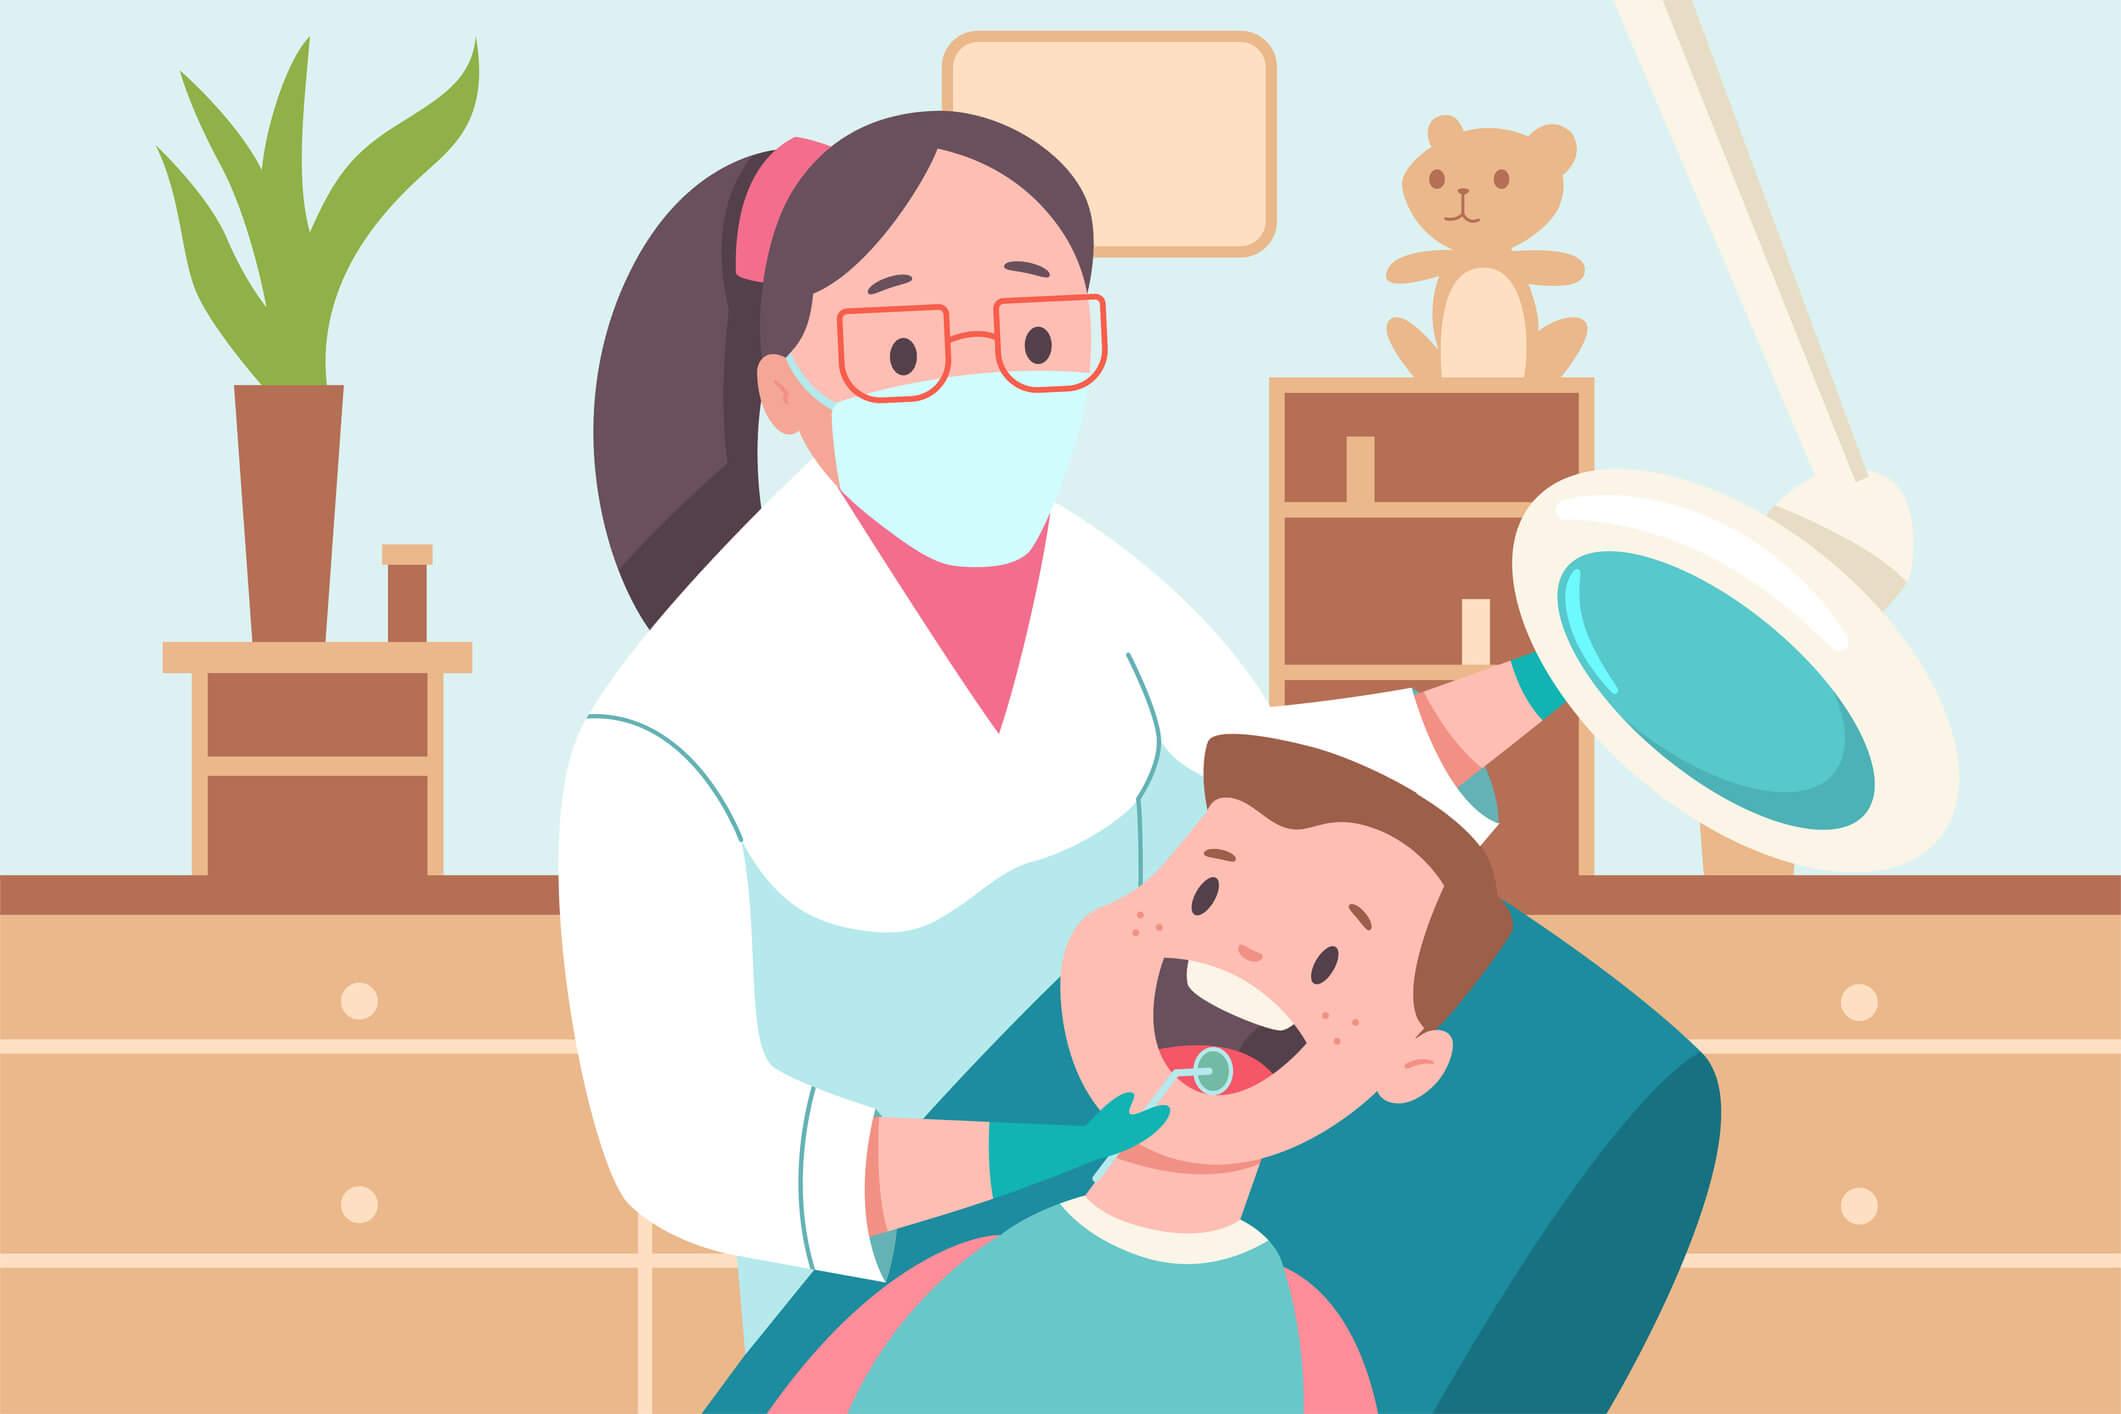 Tratamento eficaz: Primeiro conserte o vazamento